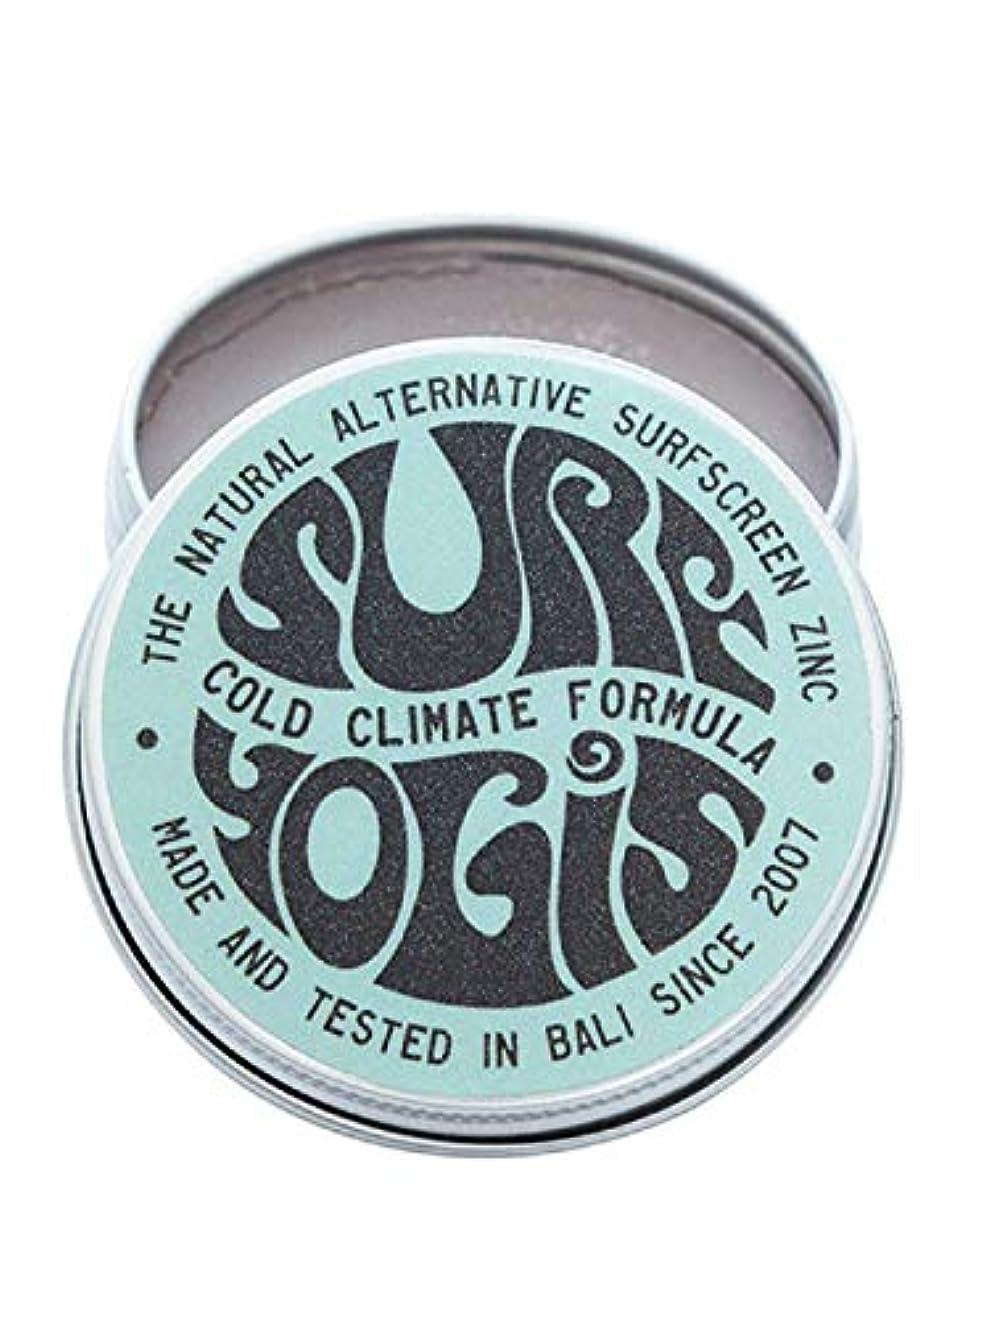 チーターディレクトリアロングSURF YOGIS(サーフヨギ) ナチュラルサーフスクリーン COLD CLIMATE FORMULA フォーミュラ 冬用 柔らかめ 日焼け止め オーガニック素材 60g SPF50 ノンケミカル